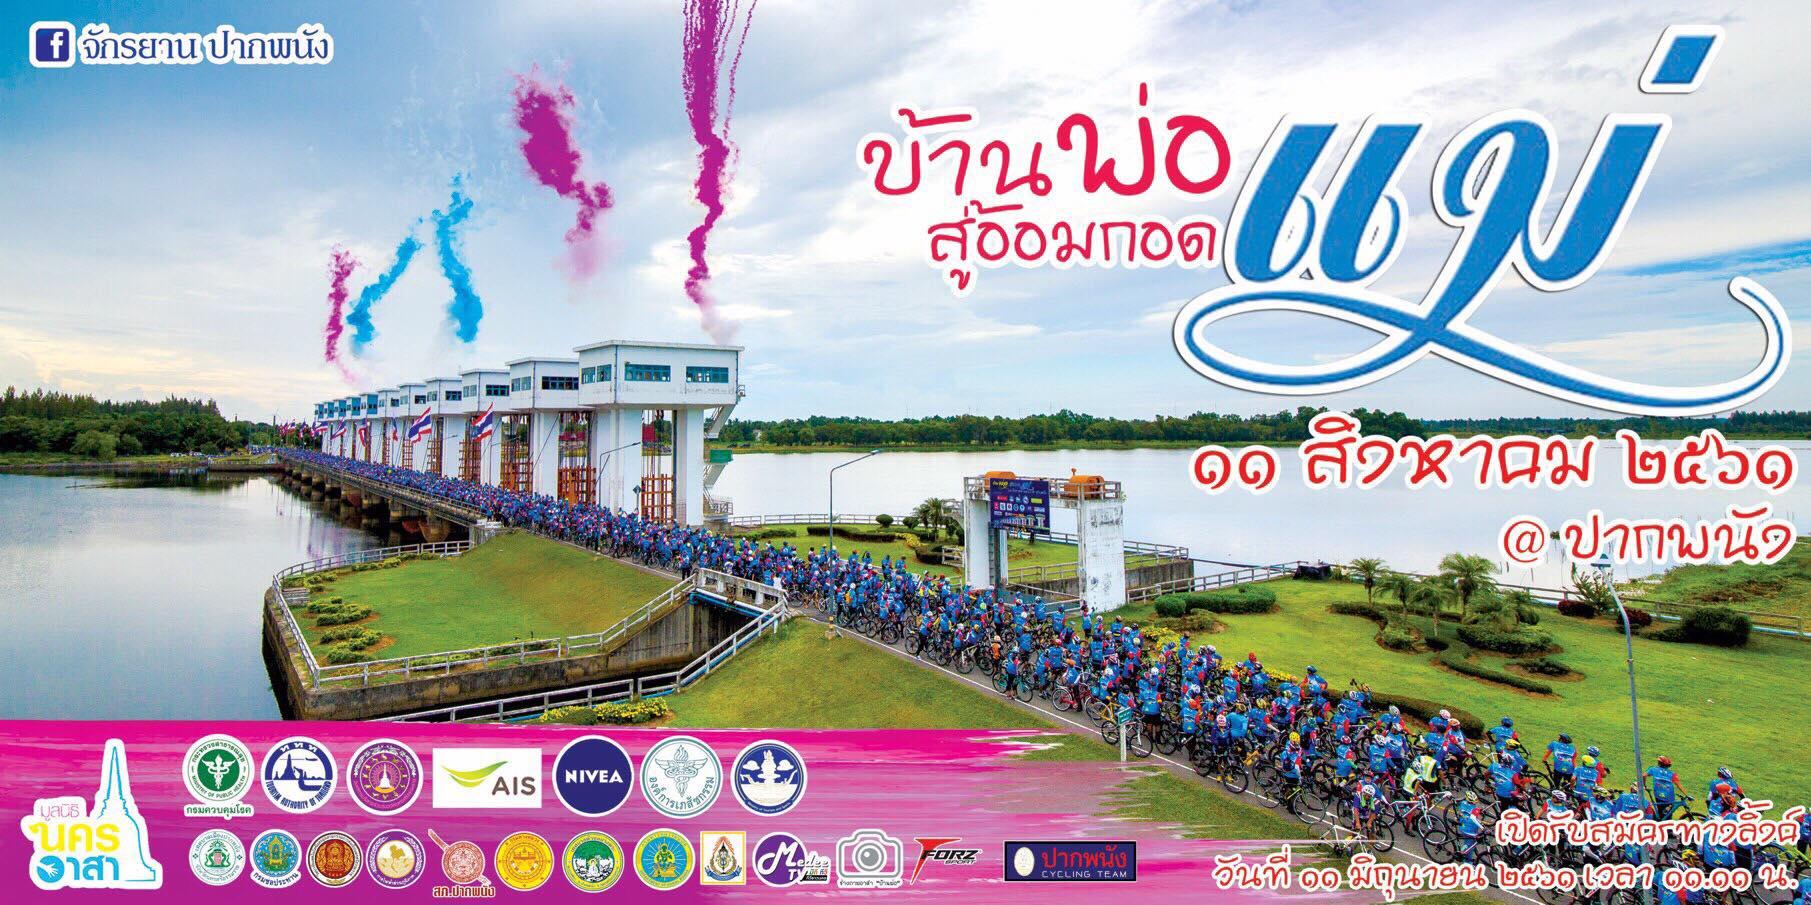 เชิญร่วมงานปั่นจักรยานที่ยิ่งใหญ่แห่งปี วันที่ 11 สิงหาคม 2561